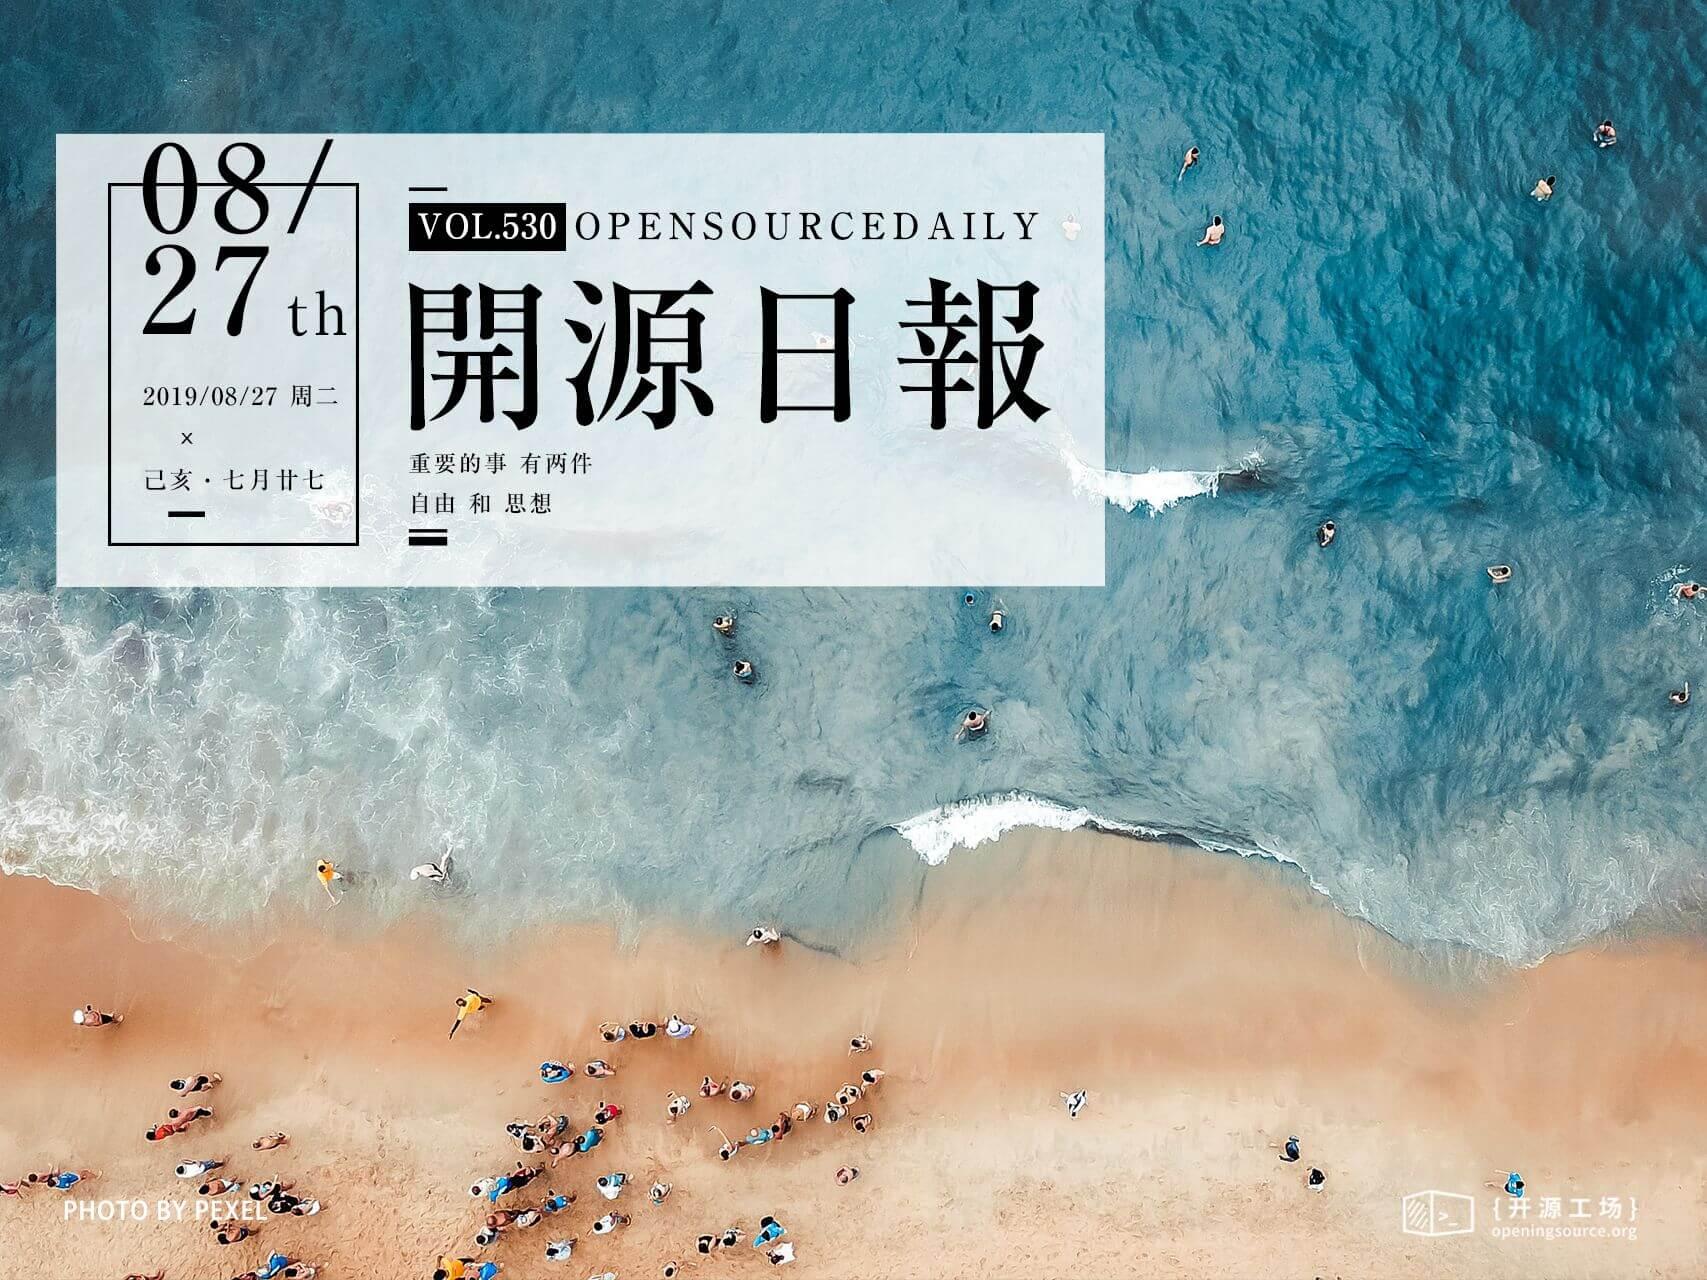 开源日报第530期:《翻译 chitchat-on-translation》